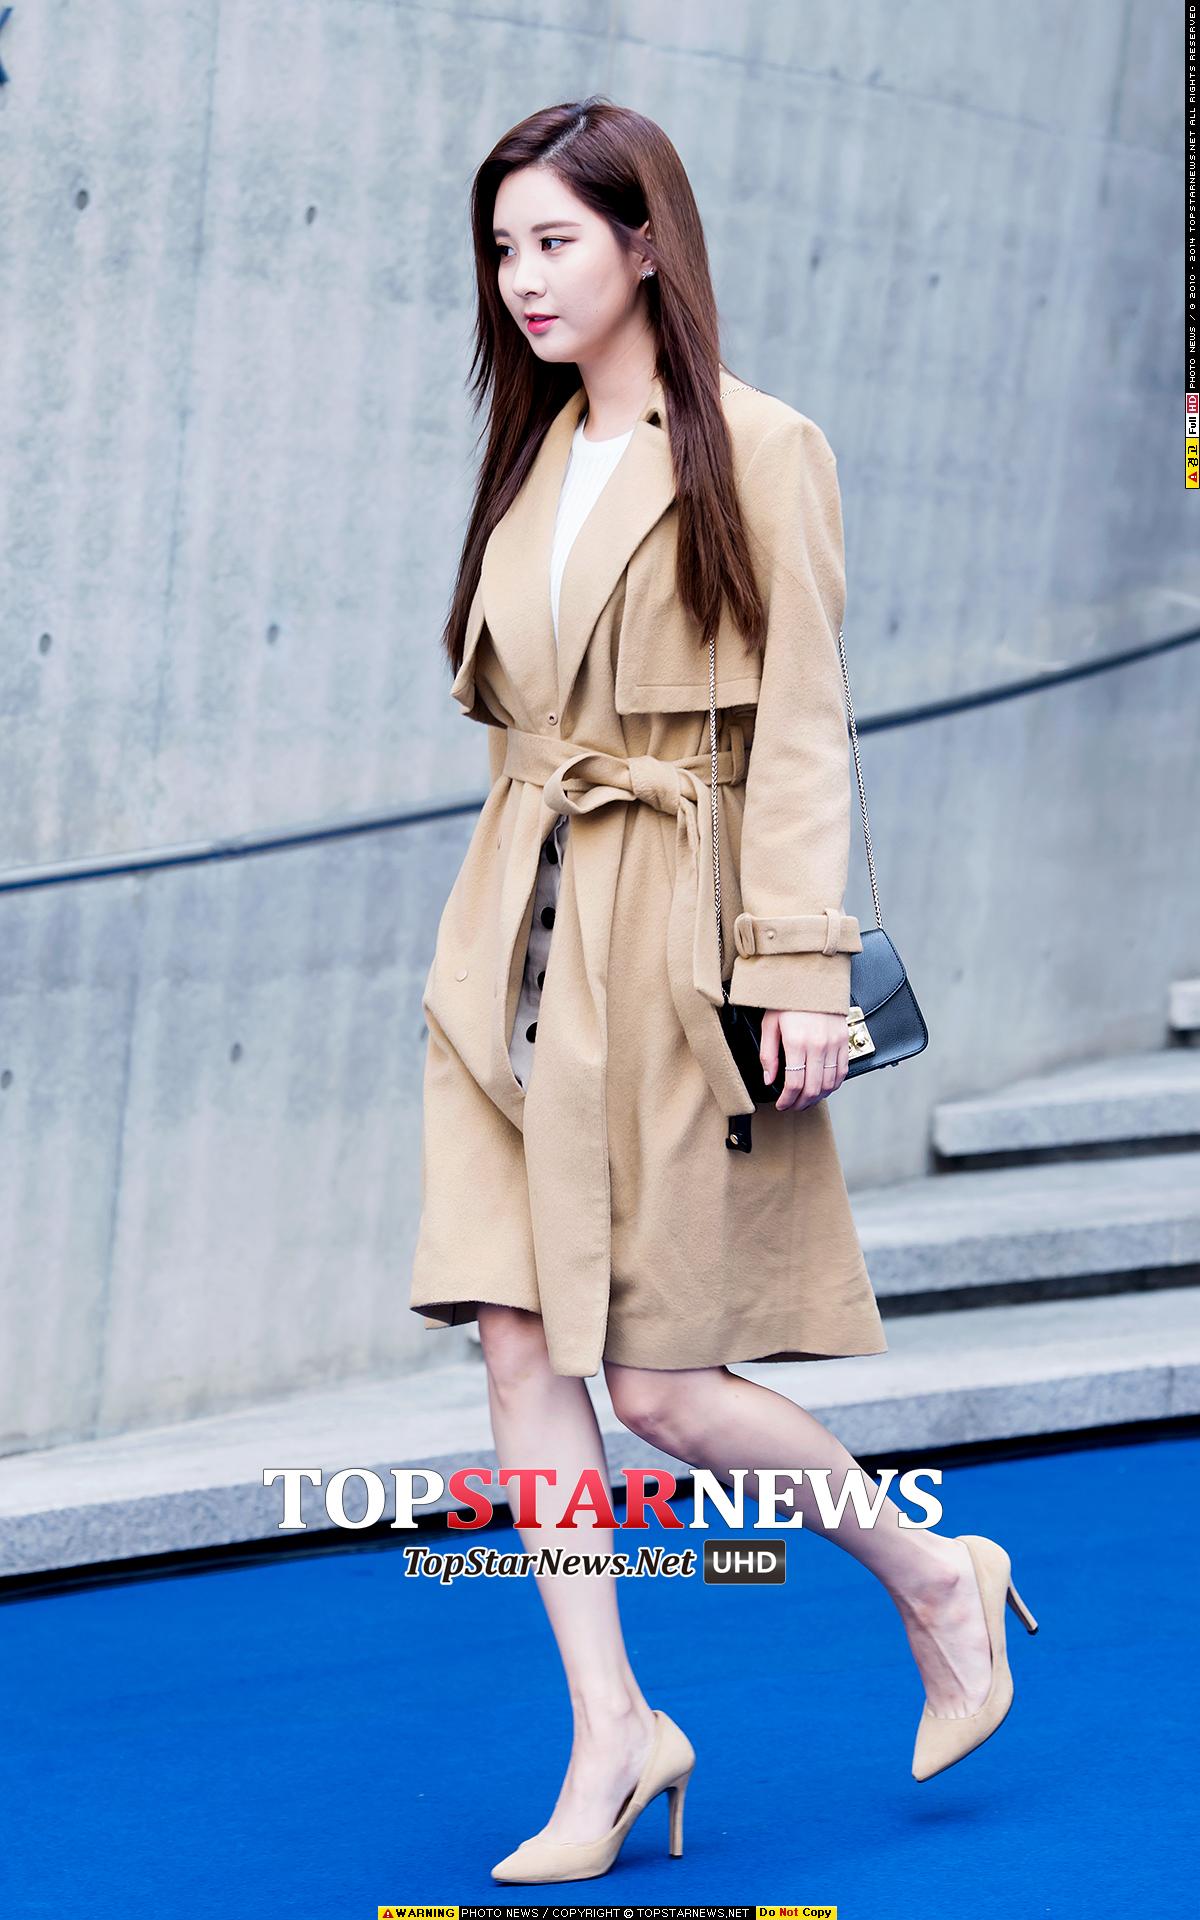 今年的首爾時裝周,少女時代徐玄就是以一雙米色尖嘴高跟搭配同色系的大衣,撲面而來的強大氣場。